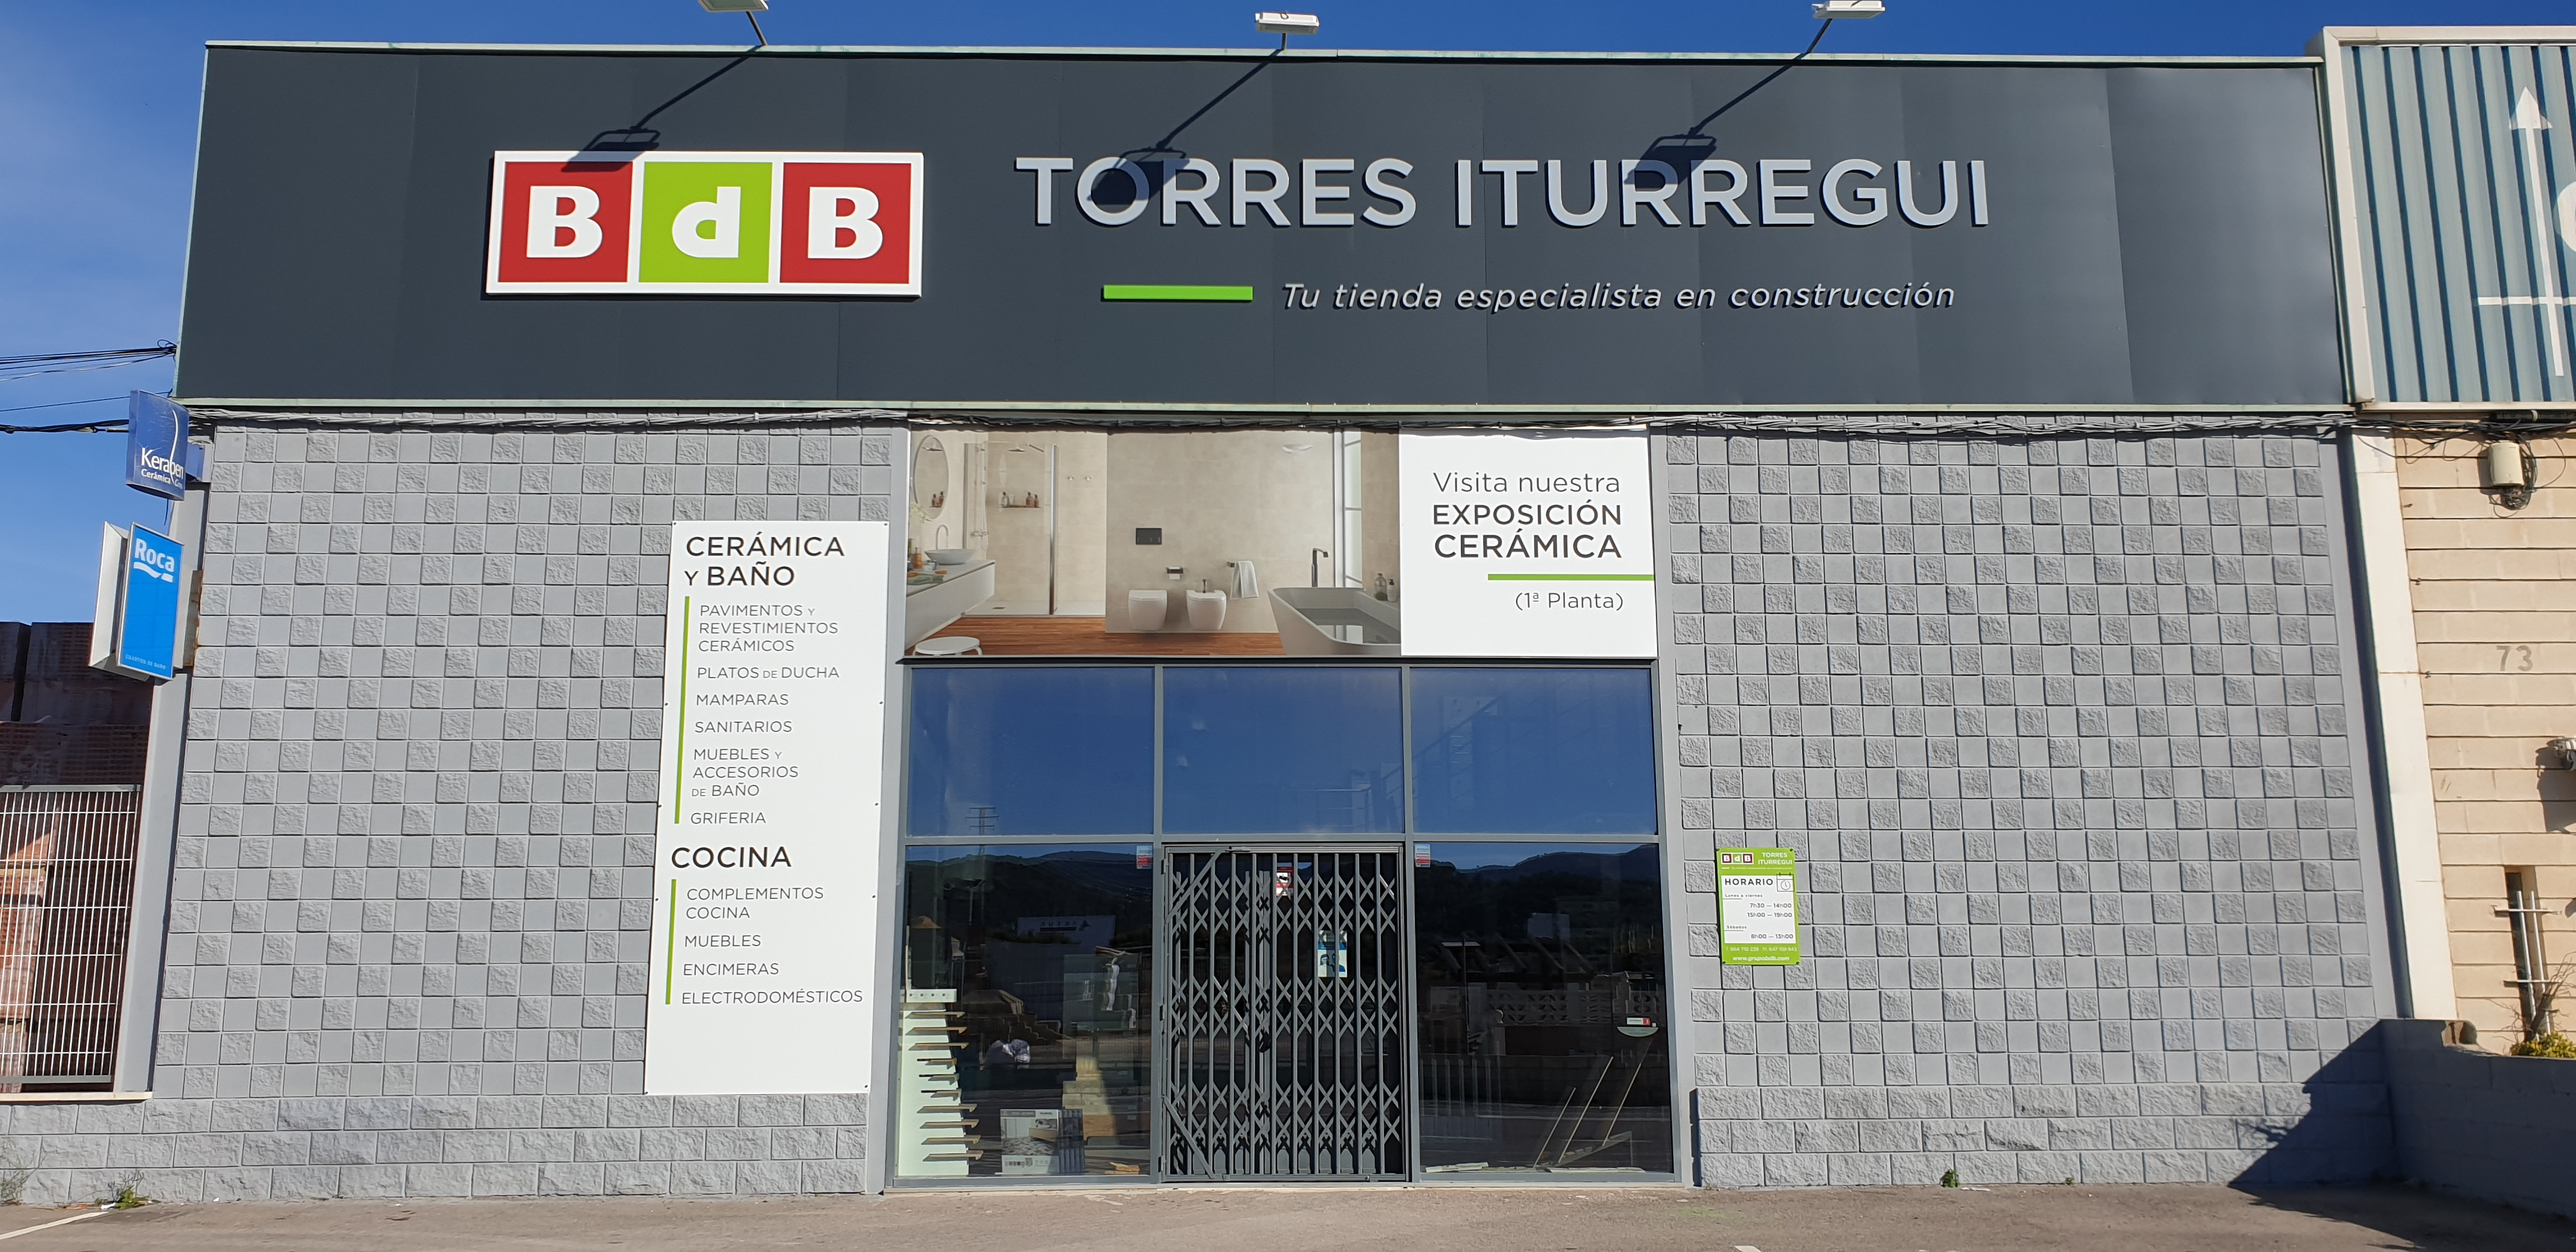 BdB TORRES ITURREGUI, marca y señalización en una misma fachada